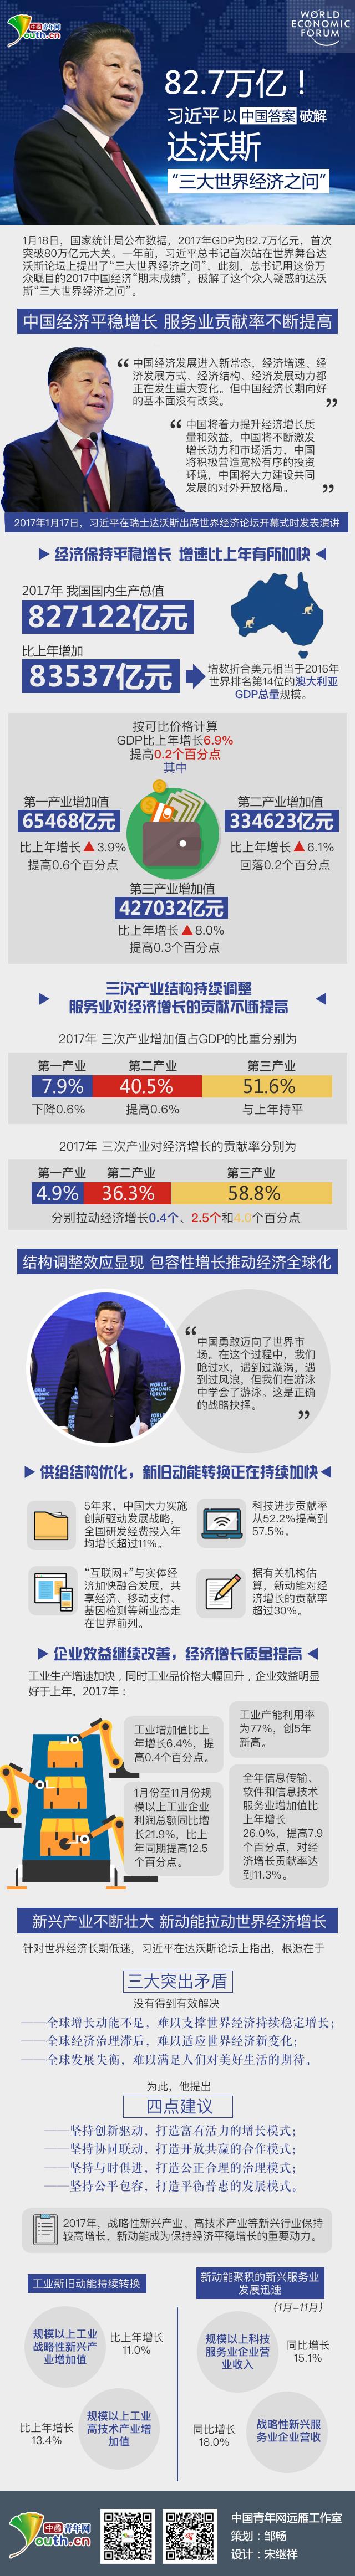 """82.7万亿!习近平以中国答案破解达沃斯""""三大世界经济之问"""""""